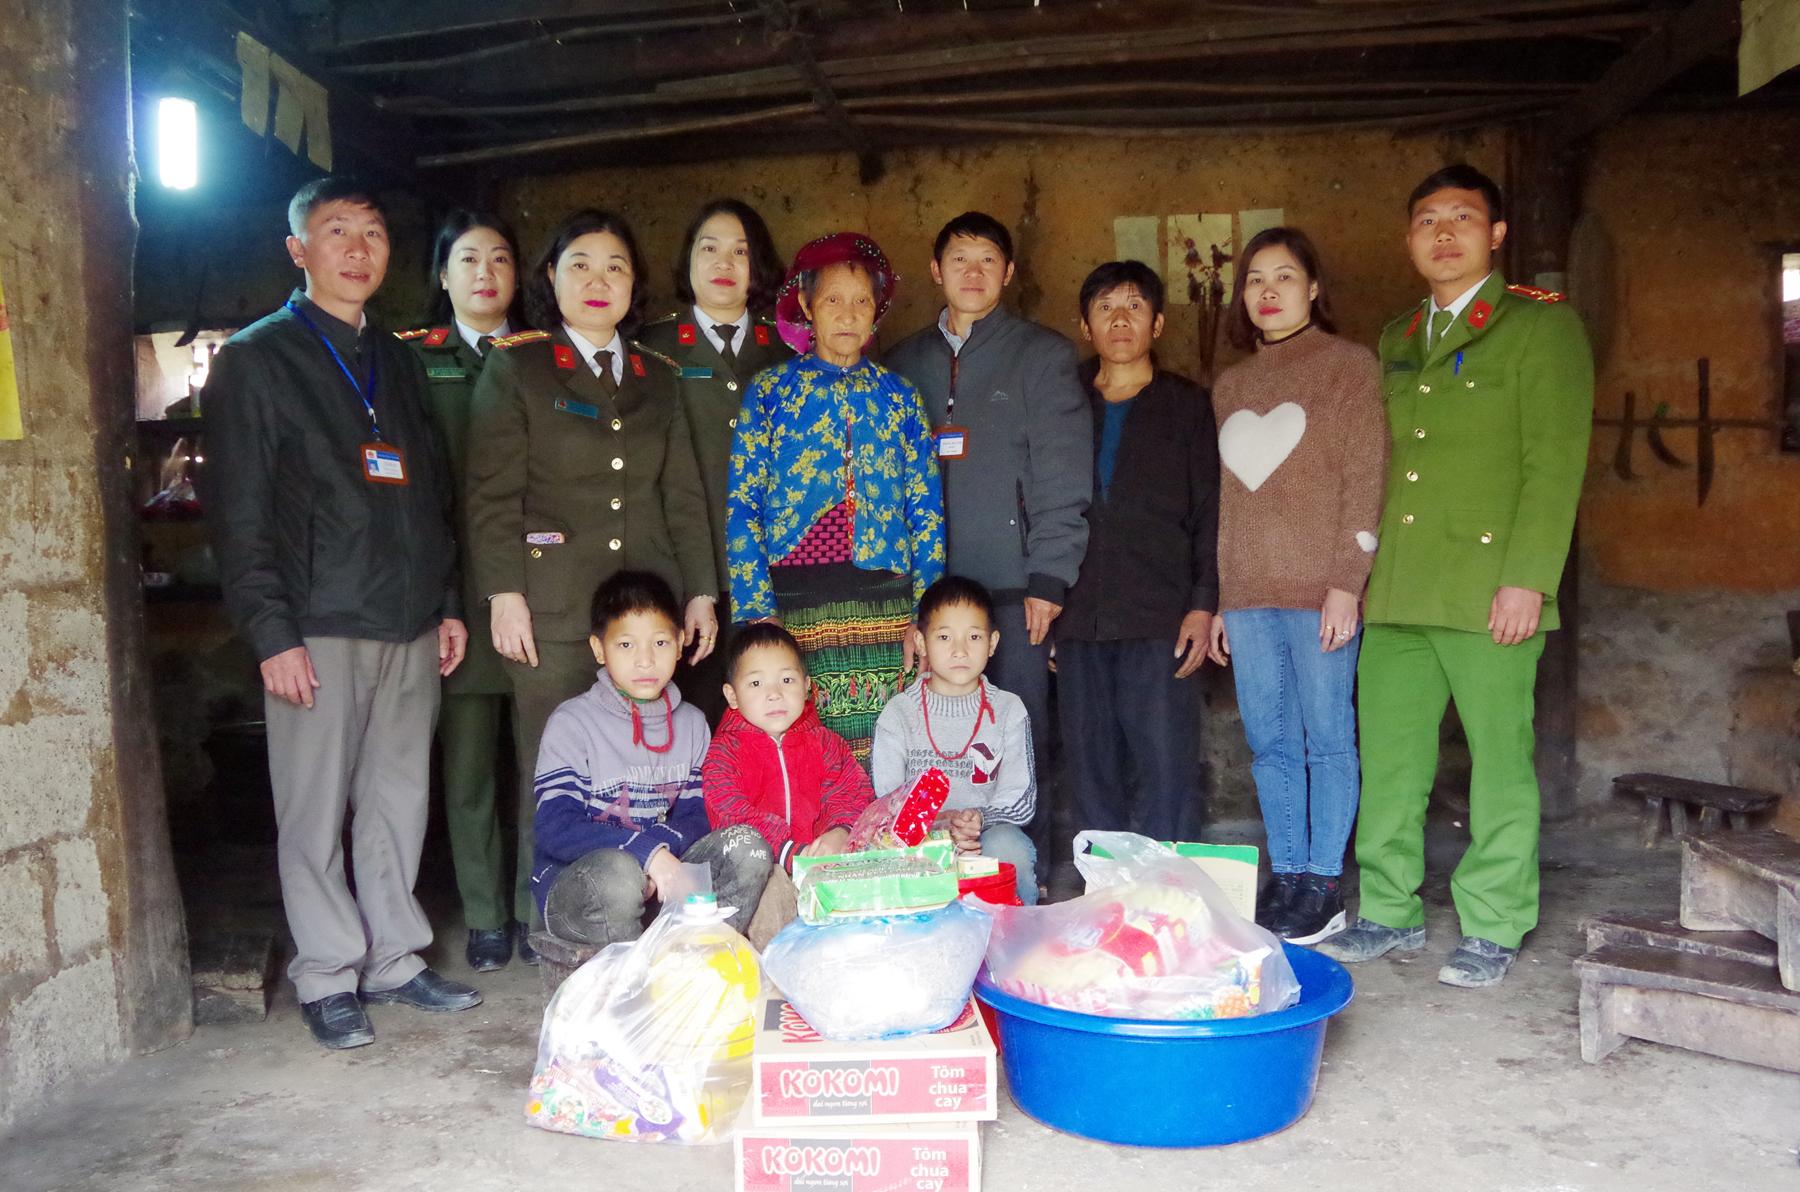 Công an Hà Giang hỗ trợ 3 cháu nhỏ hoàn cảnh khó khăn huyện Đồng Văn